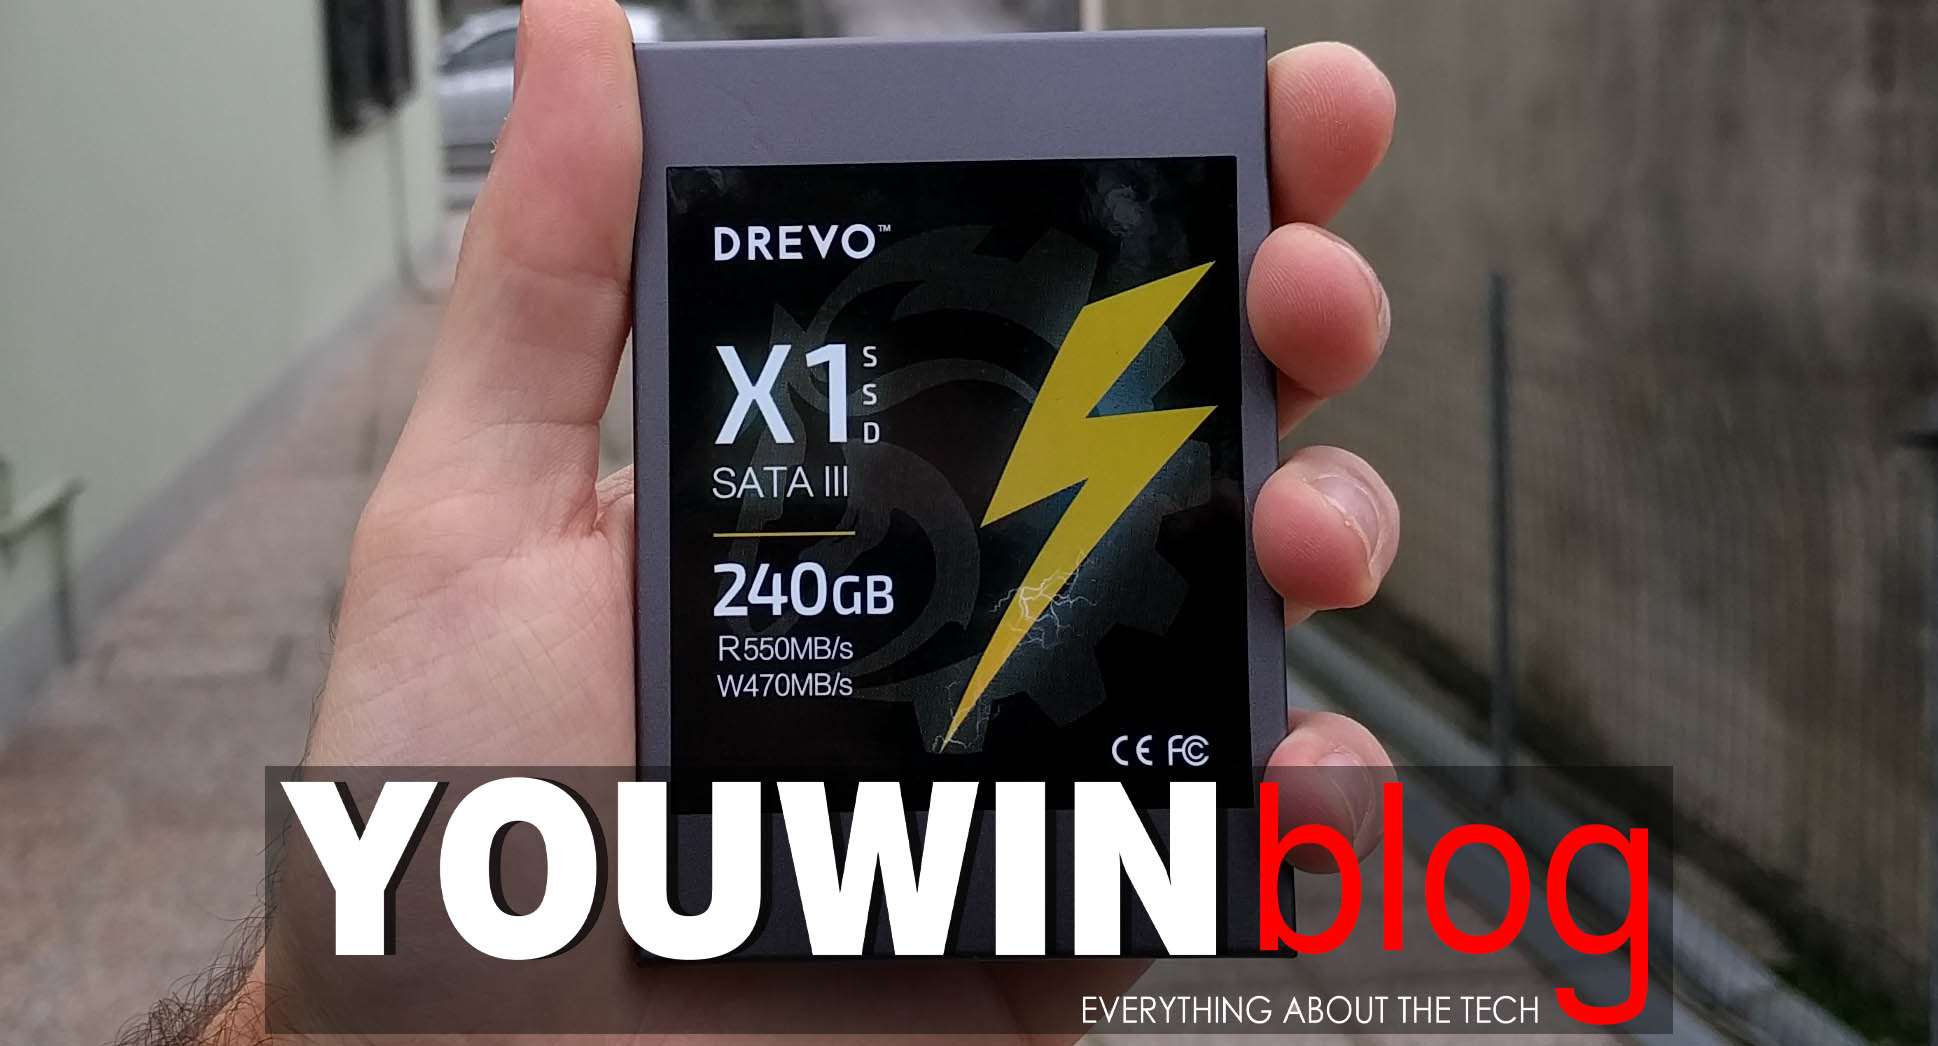 SSD Drevo X1 SATA III – 240GB